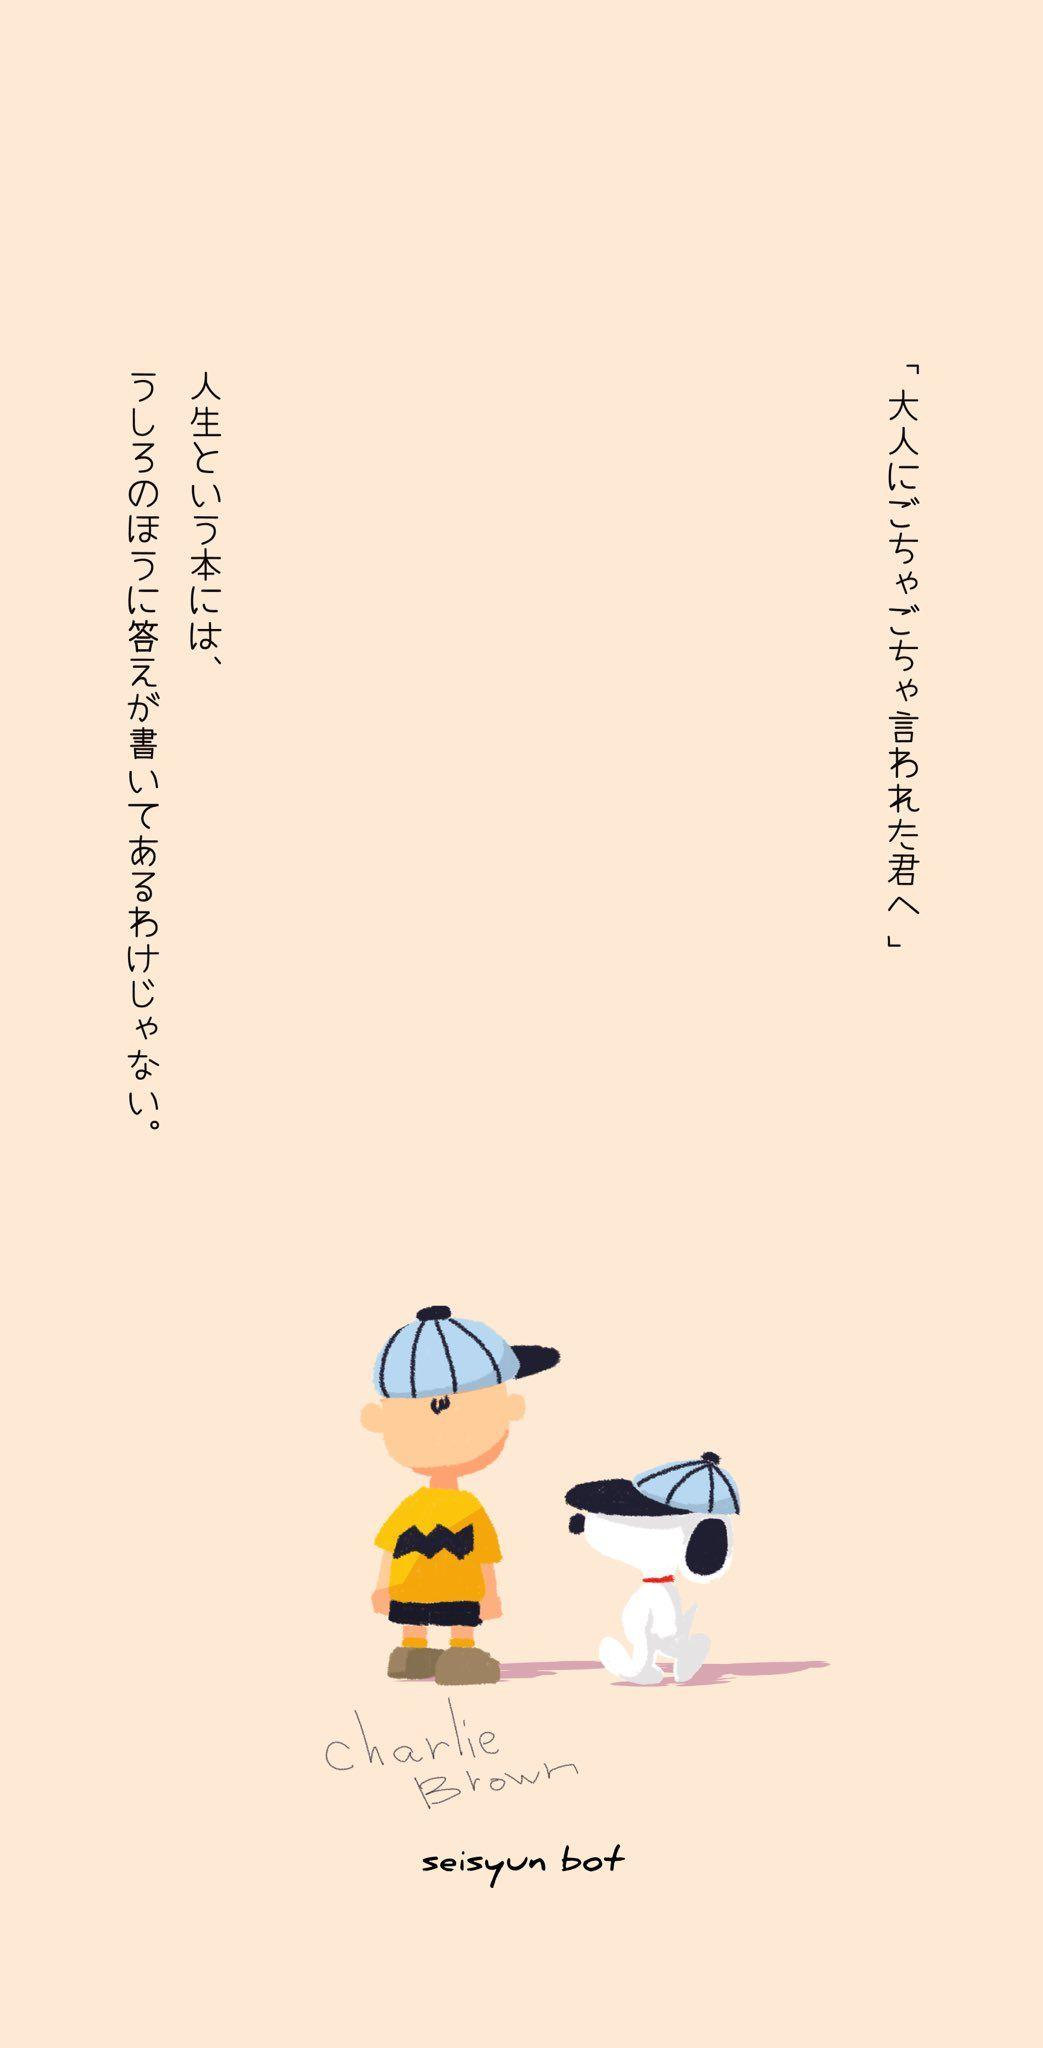 青春bot on twitter snoopy wallpaper cute tumblr wallpaper cute cartoon wallpapers